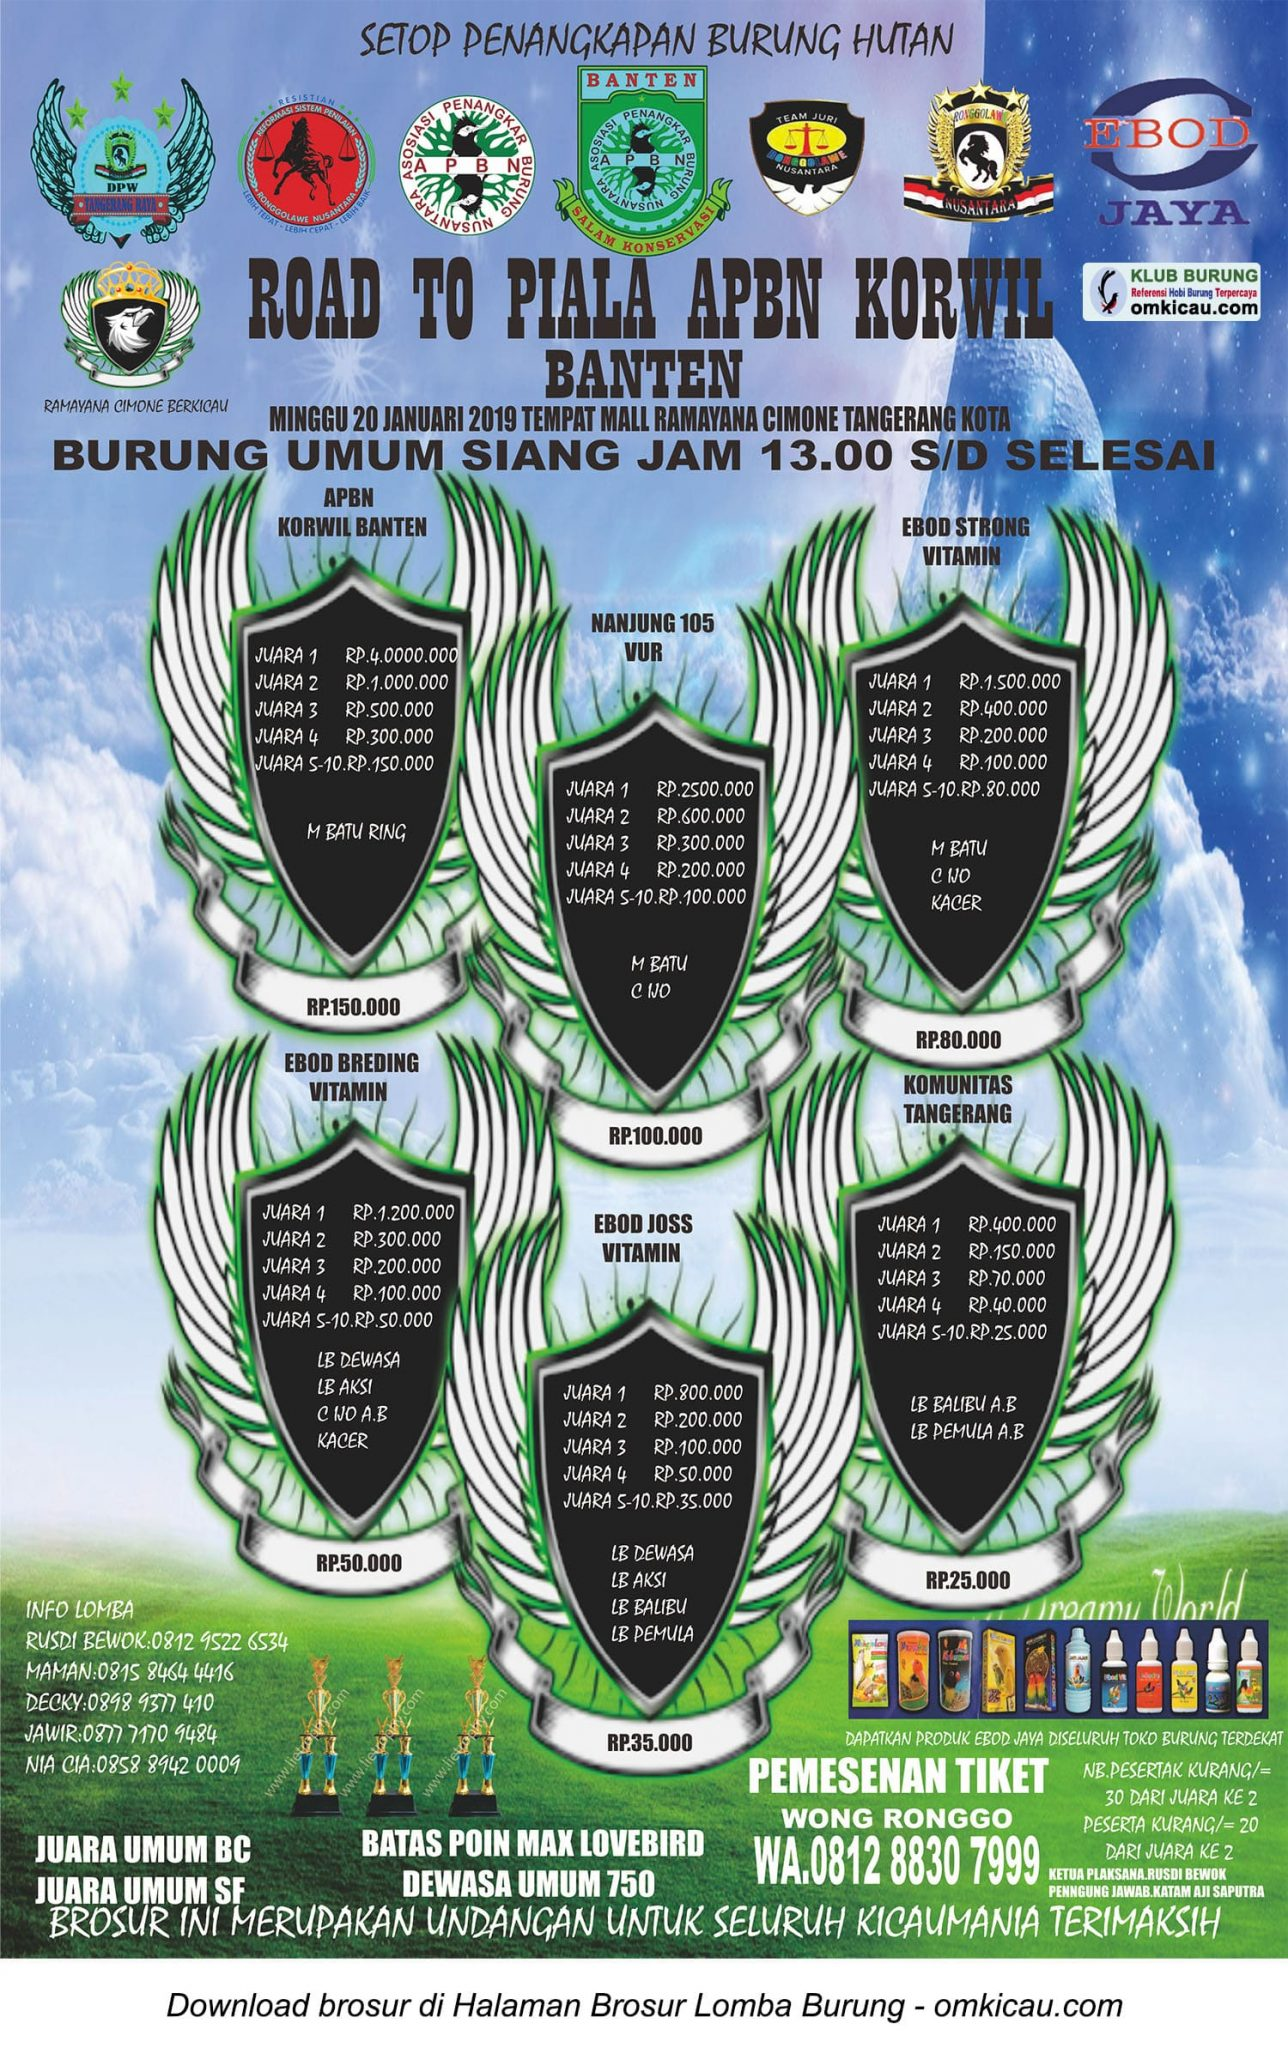 Road to Piala APBN Korwil Banten